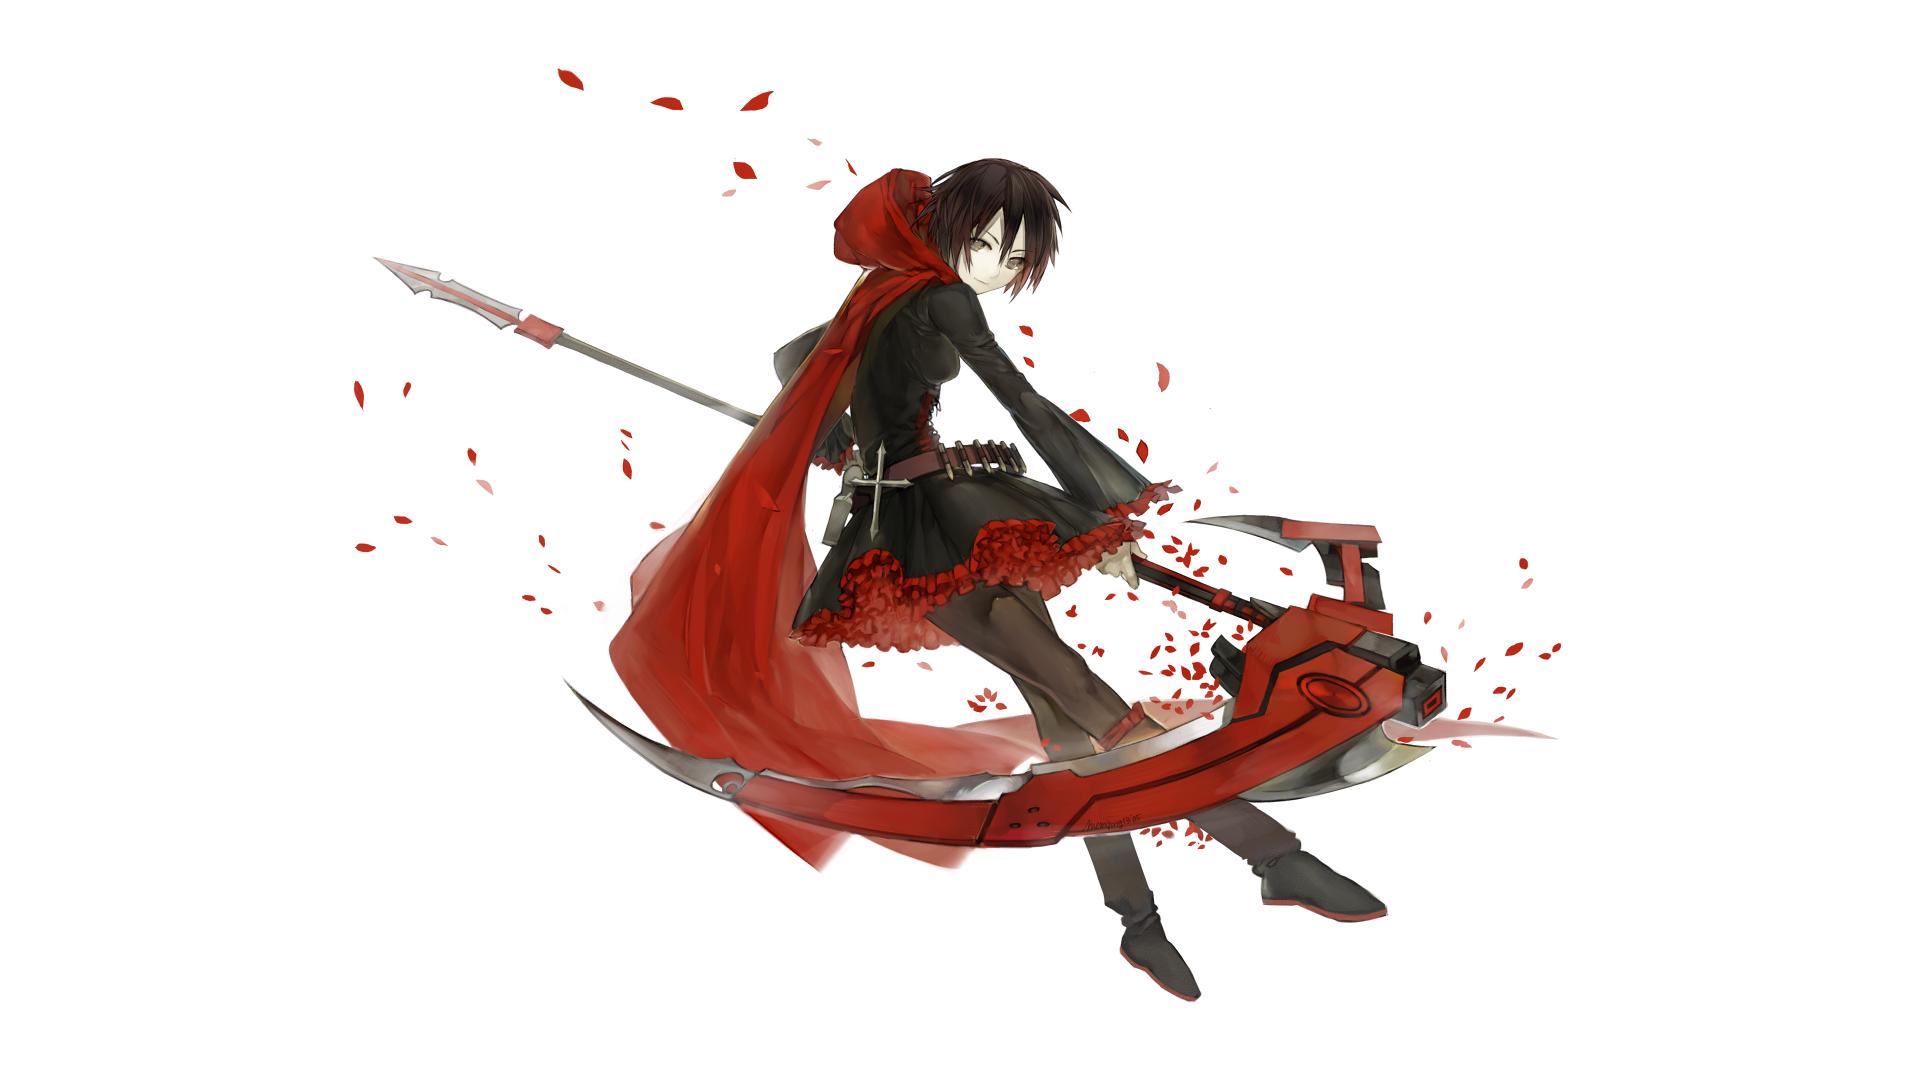 Rwyb scythe ruby s wallpaper 1920x1080 104208 - Anime scythe wallpaper ...